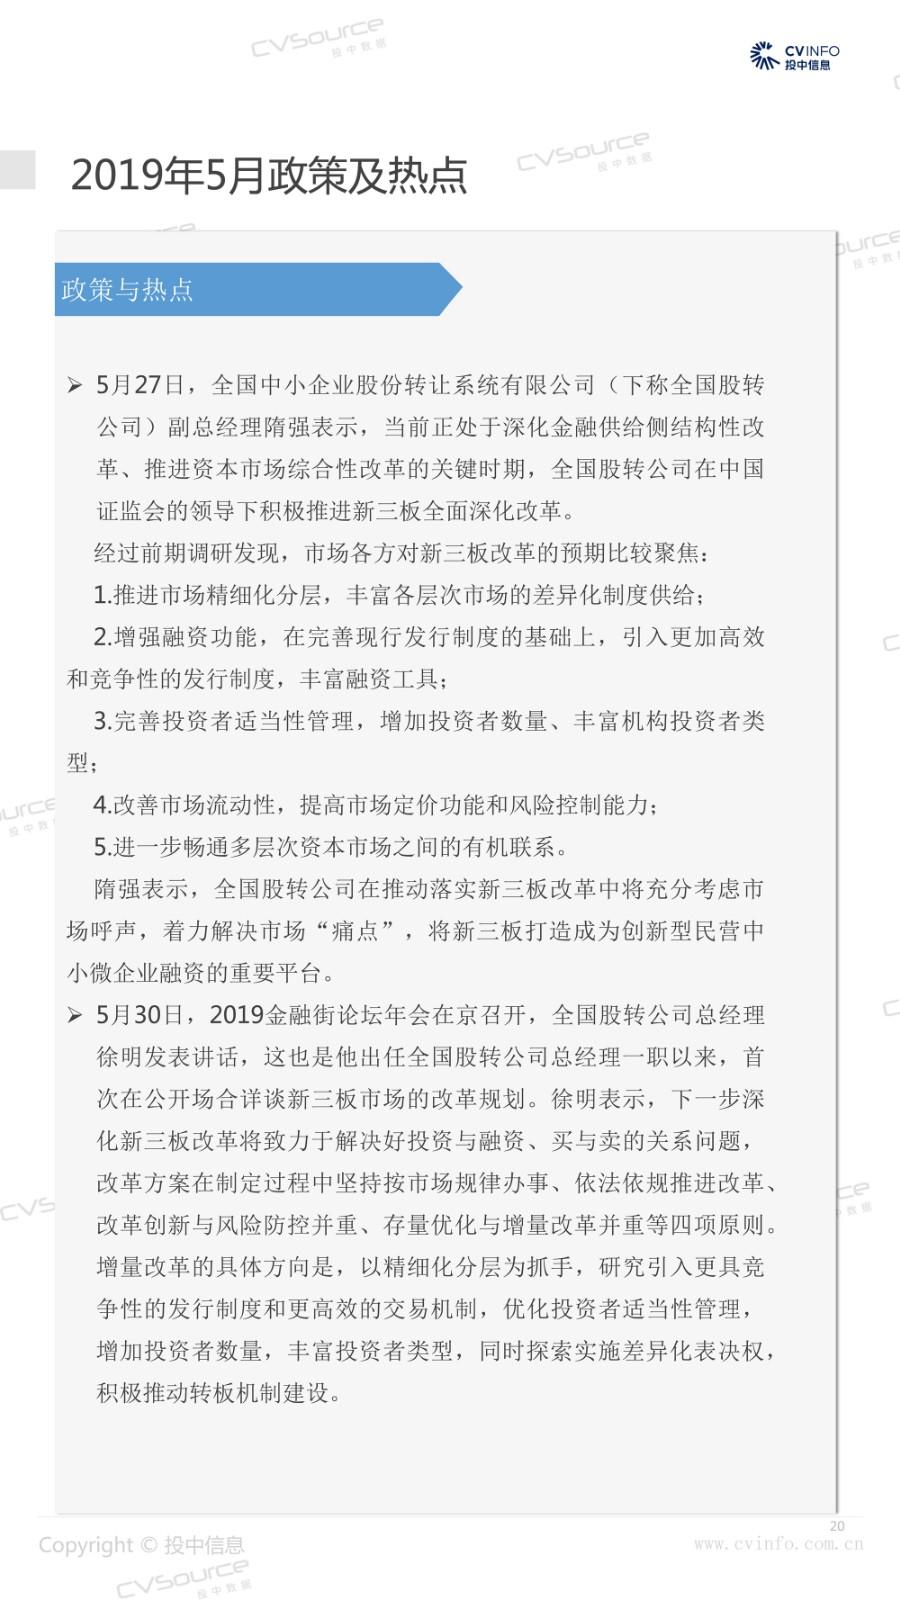 投中统计:2019年5月中国新三板市场数据报告-20.jpg